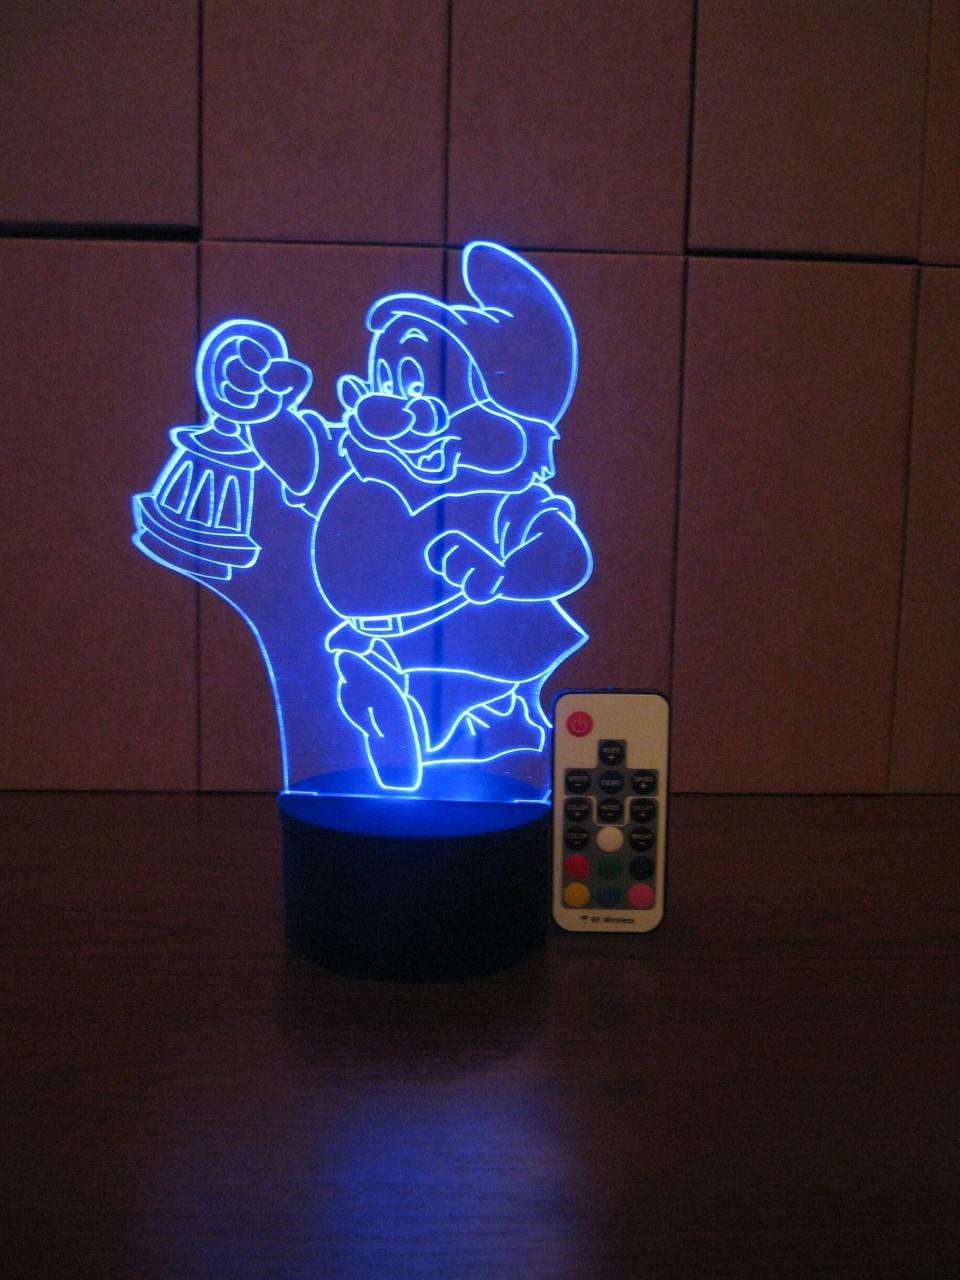 3d-светильник Гномик с фонарем, 3д-ночник, несколько подсветок (на пульте), подарок ребенку